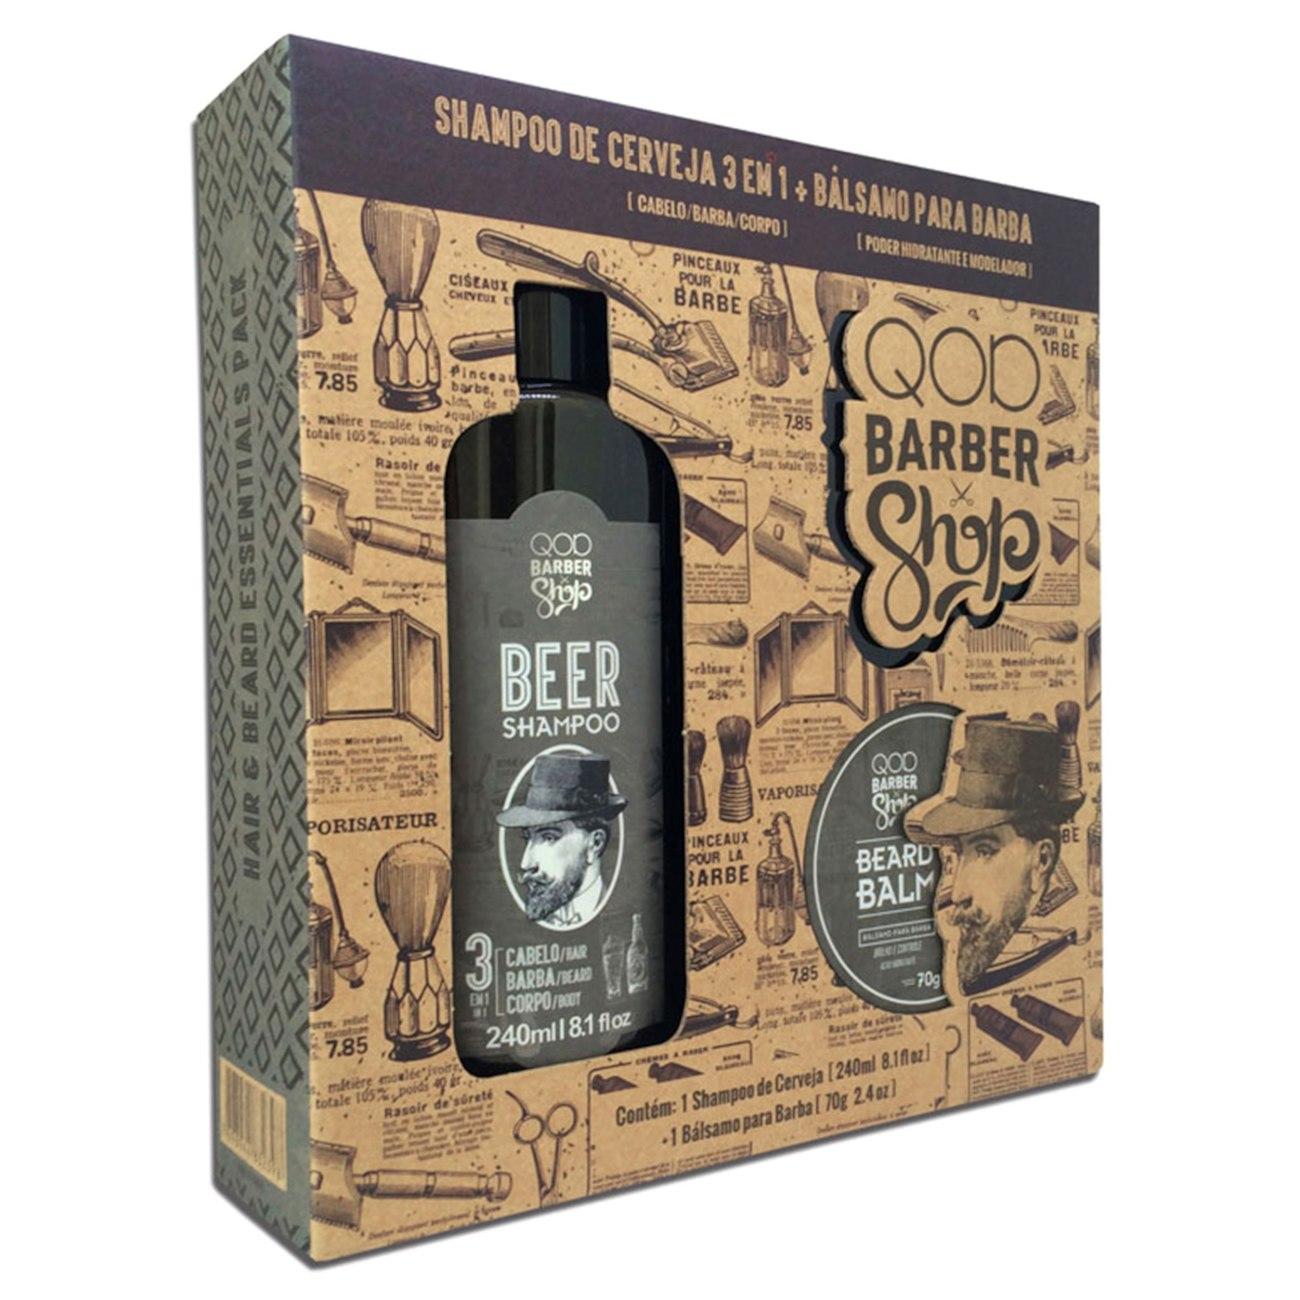 kit barbber shop - Kit QOD Barber Shop Shampoo de Cerveja 3 em 1 - R$19,90